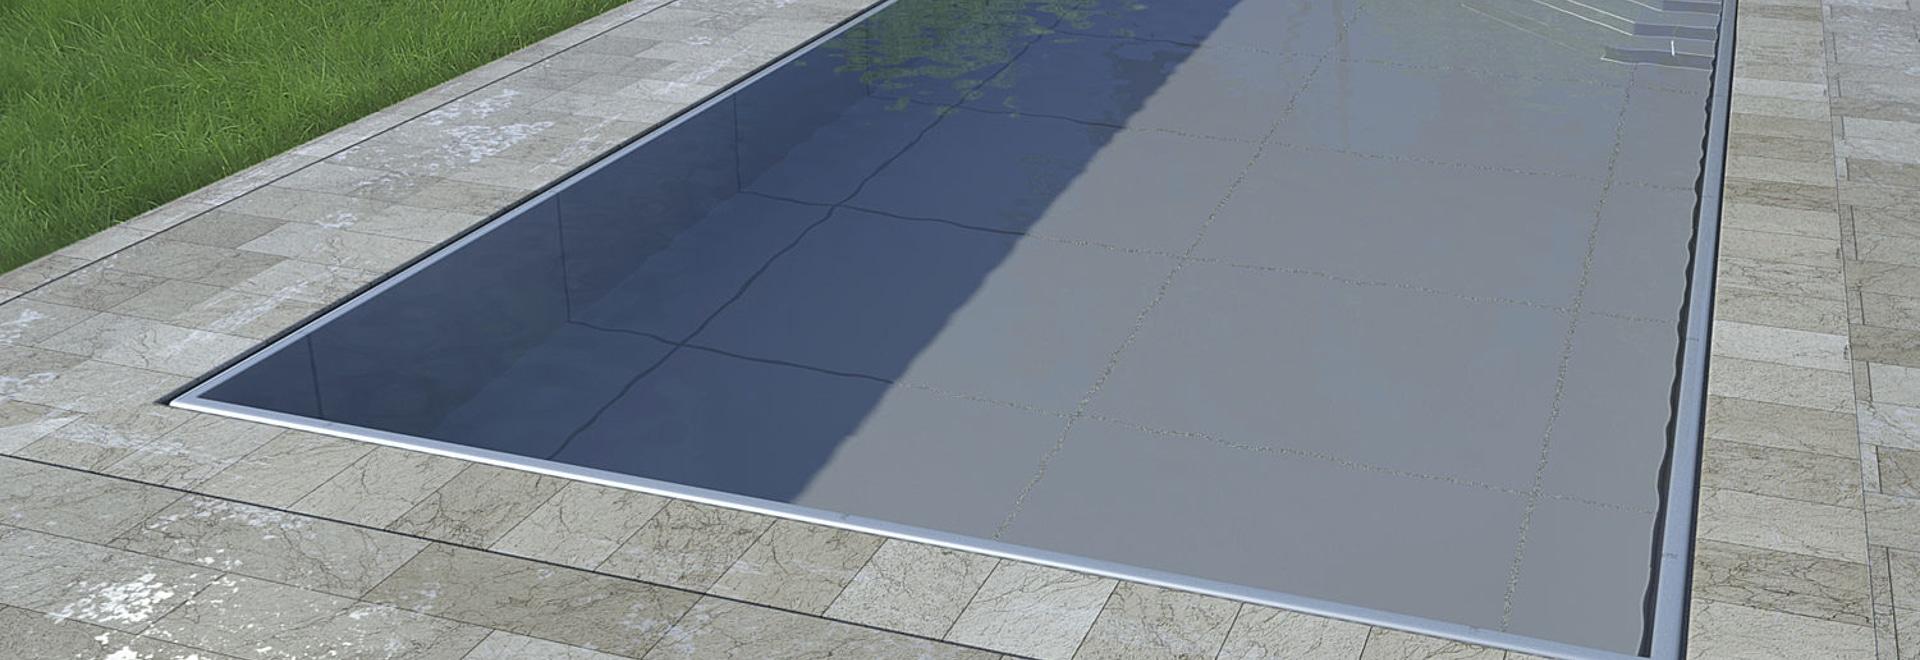 Piscine En Inox Steel And Style marine inox - overflow panel pool from stainless steel